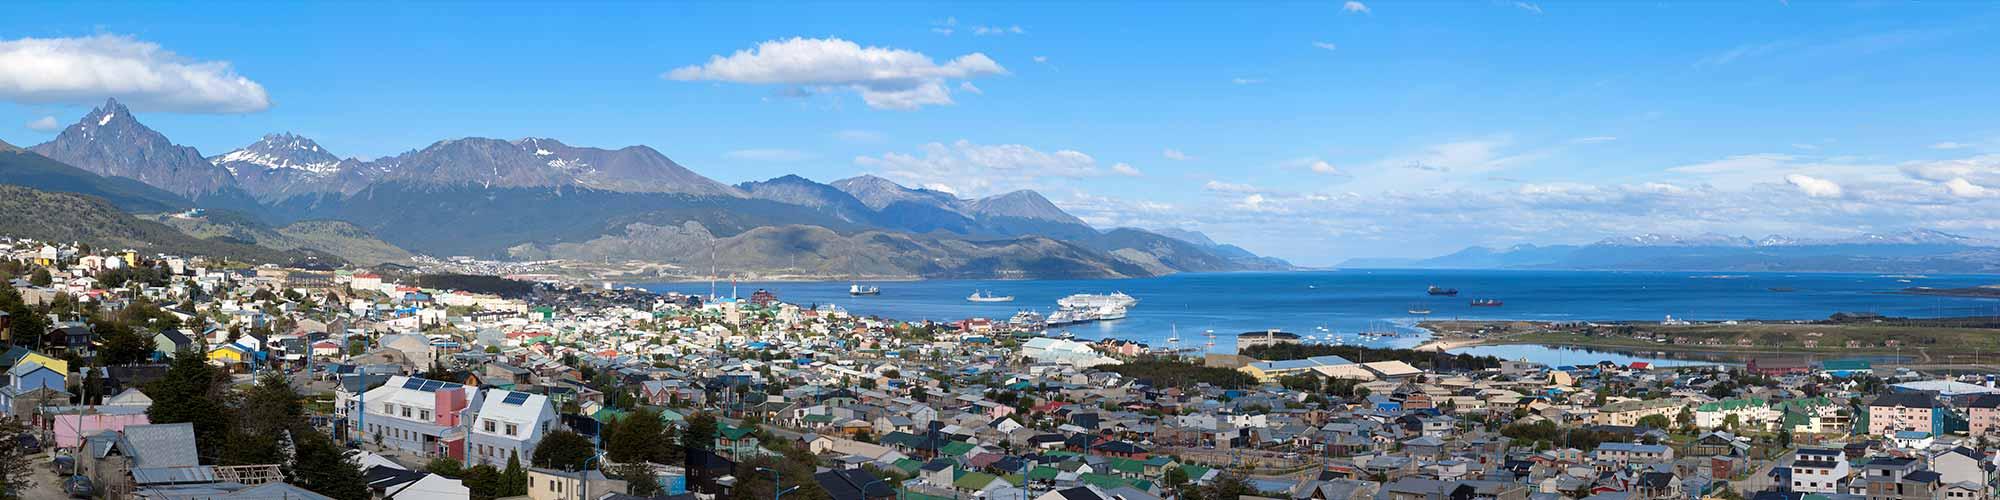 La aventura de tu vida II: El mar de Weddel - El Pais Viajes